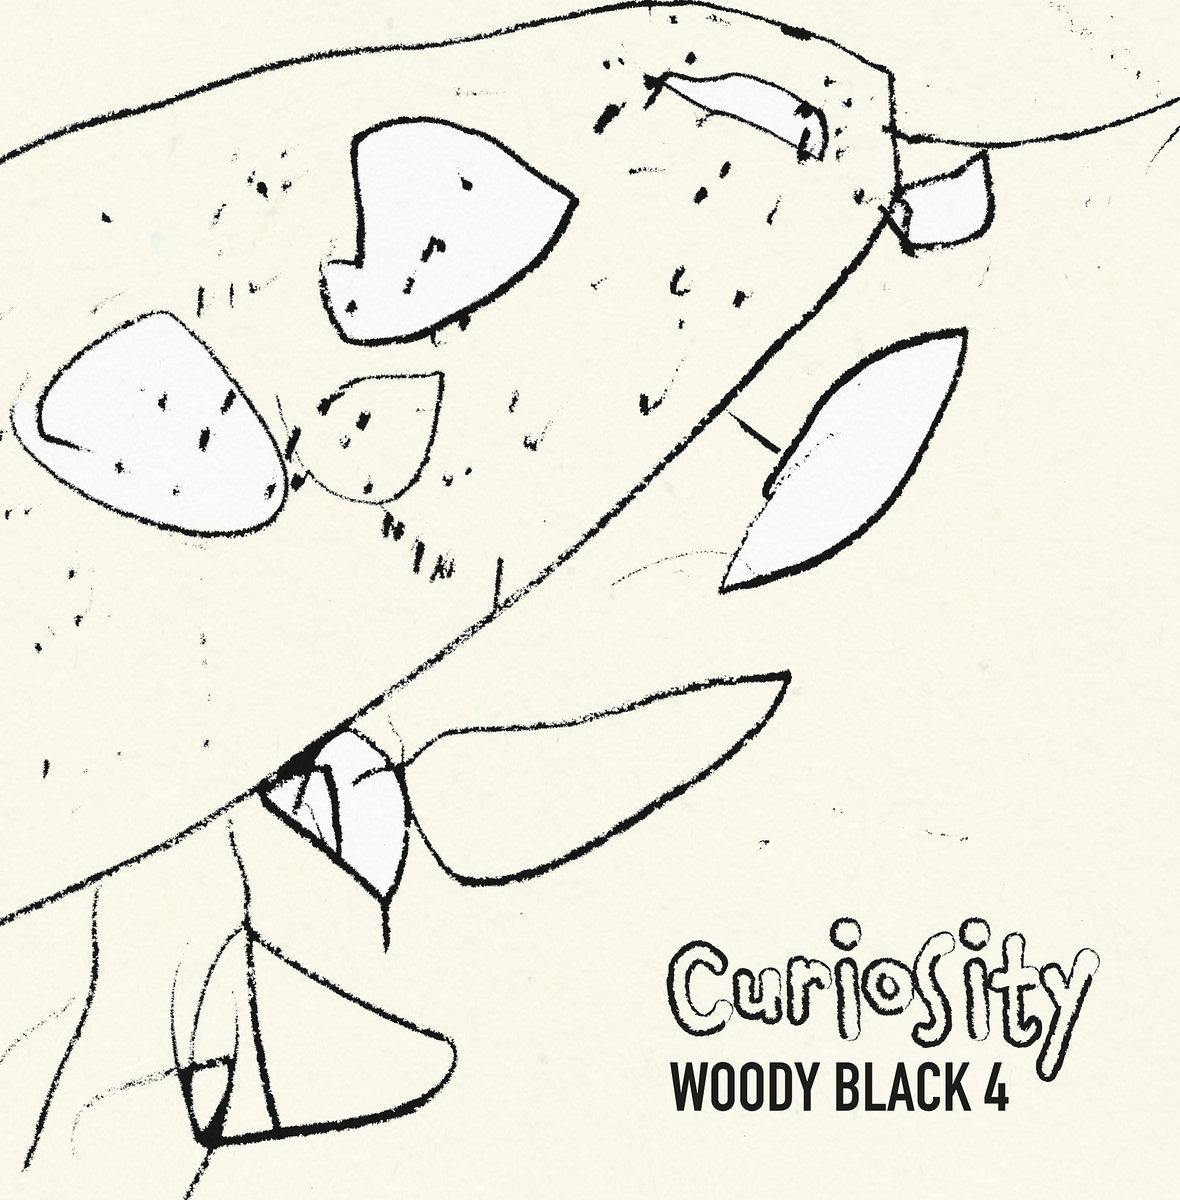 Lekker Jazz Woody Black 4